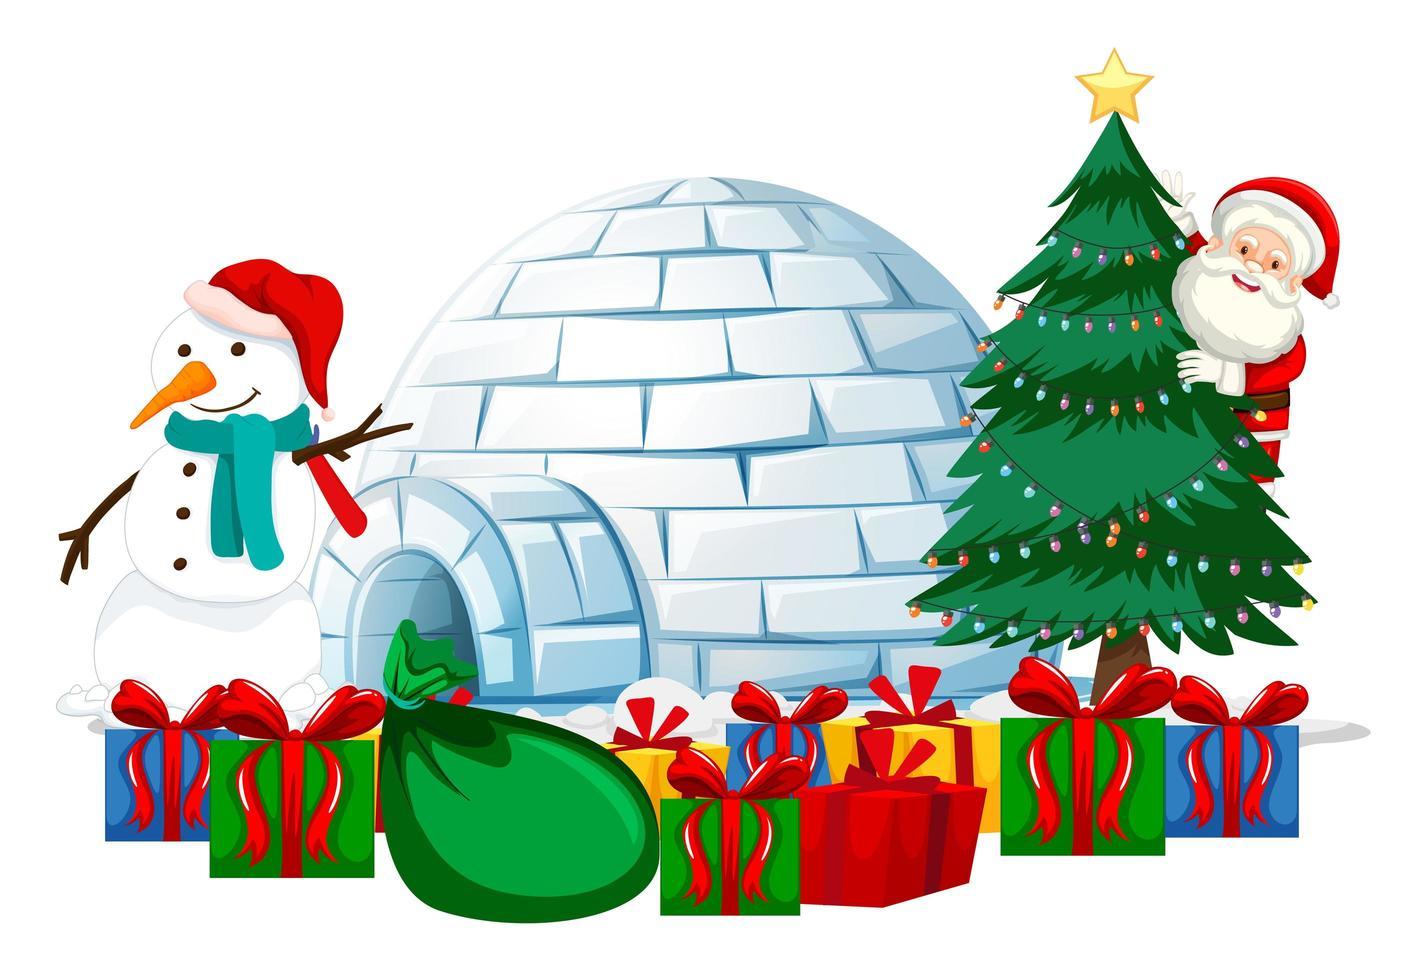 Weihnachtsmann mit vielen Geschenken und Schneemann und Weihnachtselement auf weißem Hintergrund vektor